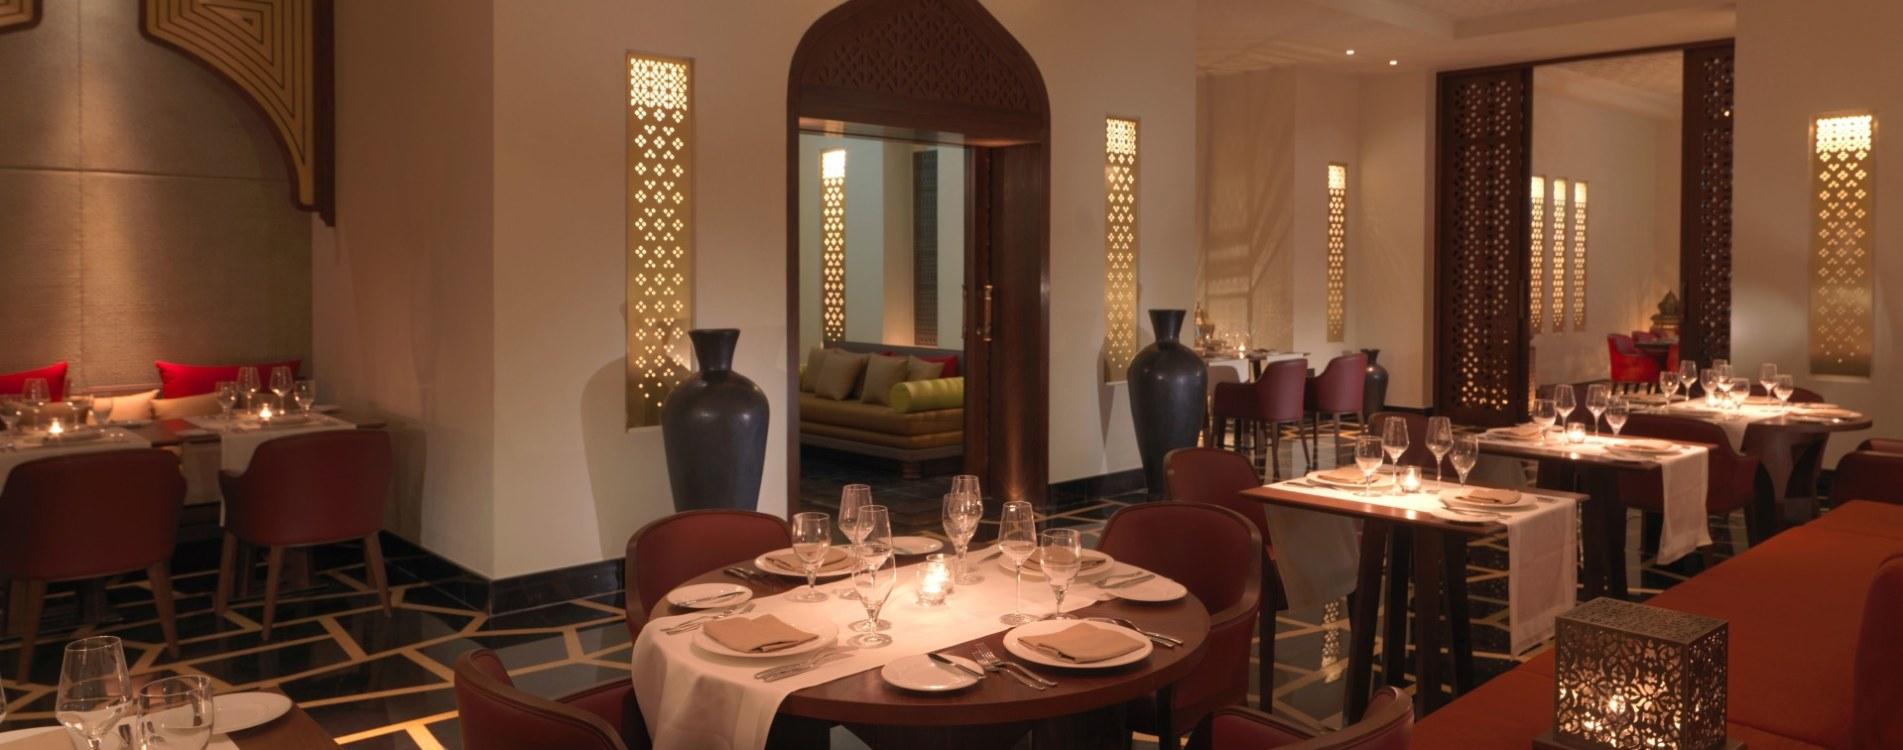 Anantara-Al-Jabal-Al-Akhdar-Resort-Dining-Al-Qalaa-Restaurant-Interior-Oman.jpg